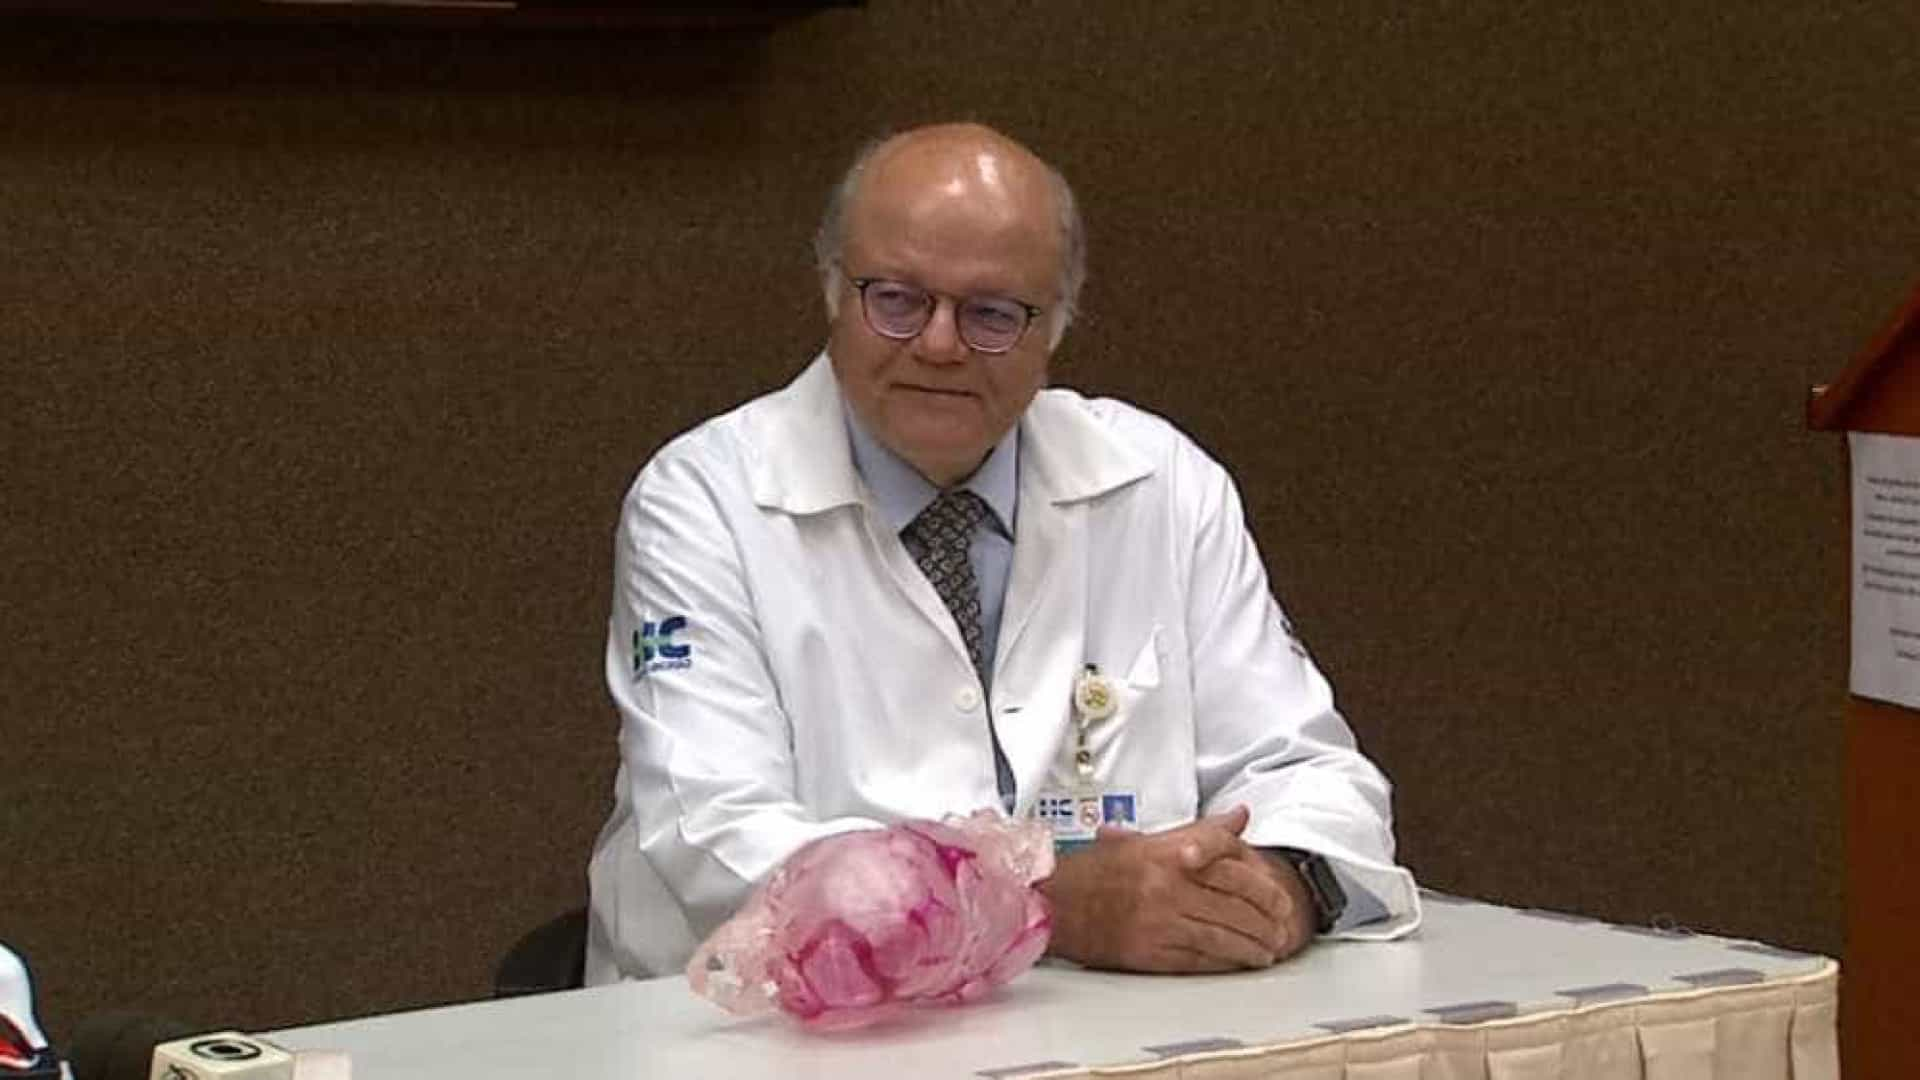 Cirurgia de meninas unidas pela cabeça termina bem em Ribeirão Preto